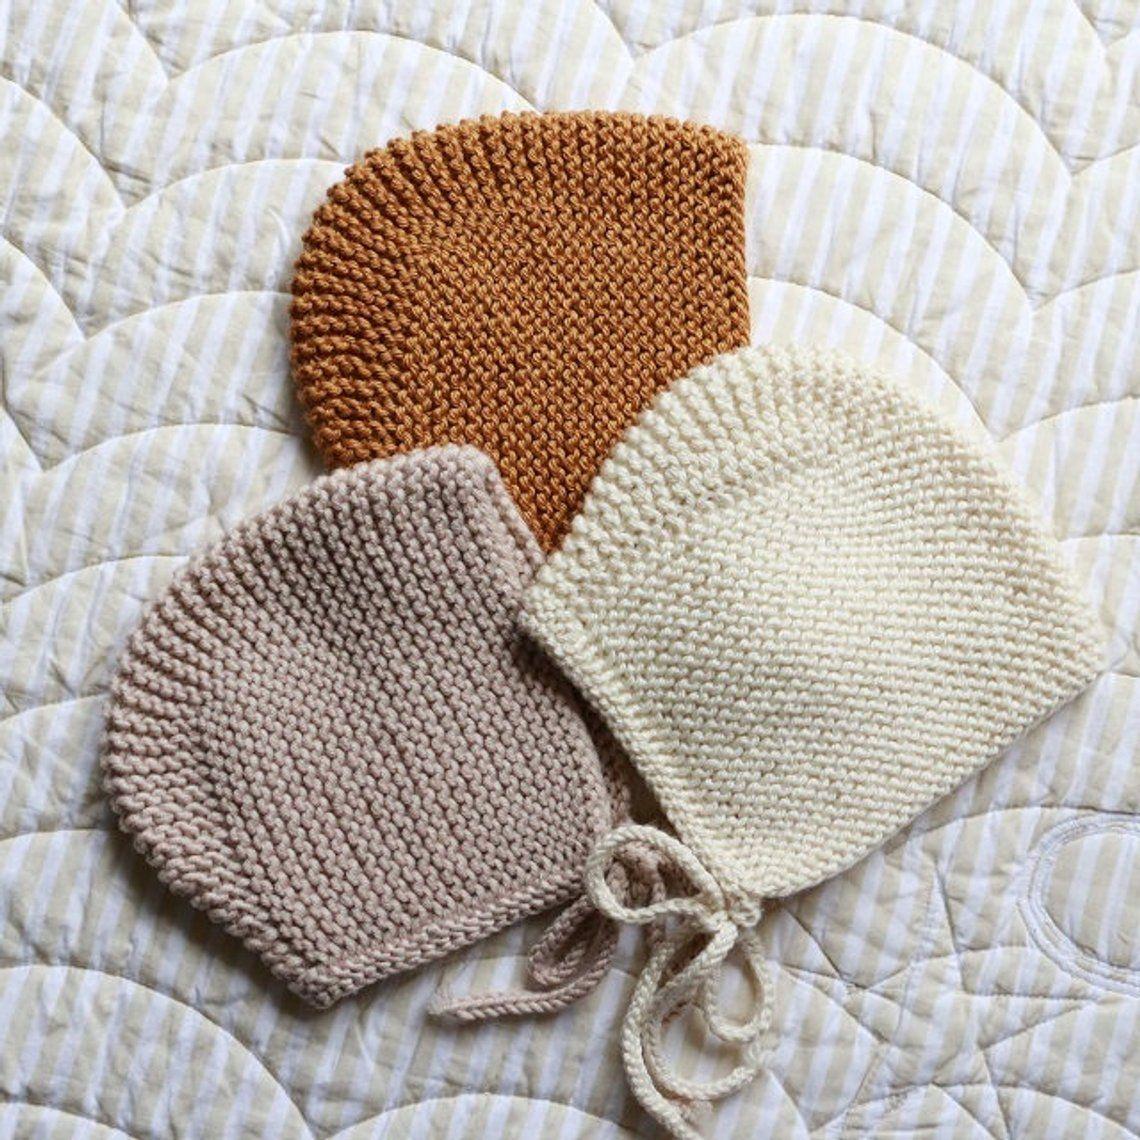 Patrón de sombrero de punto, Patrones de tejer, Patrón de sombrero de punto PDF, Patrón de sombrero de mujer, Patte de sombrero de hombre ...